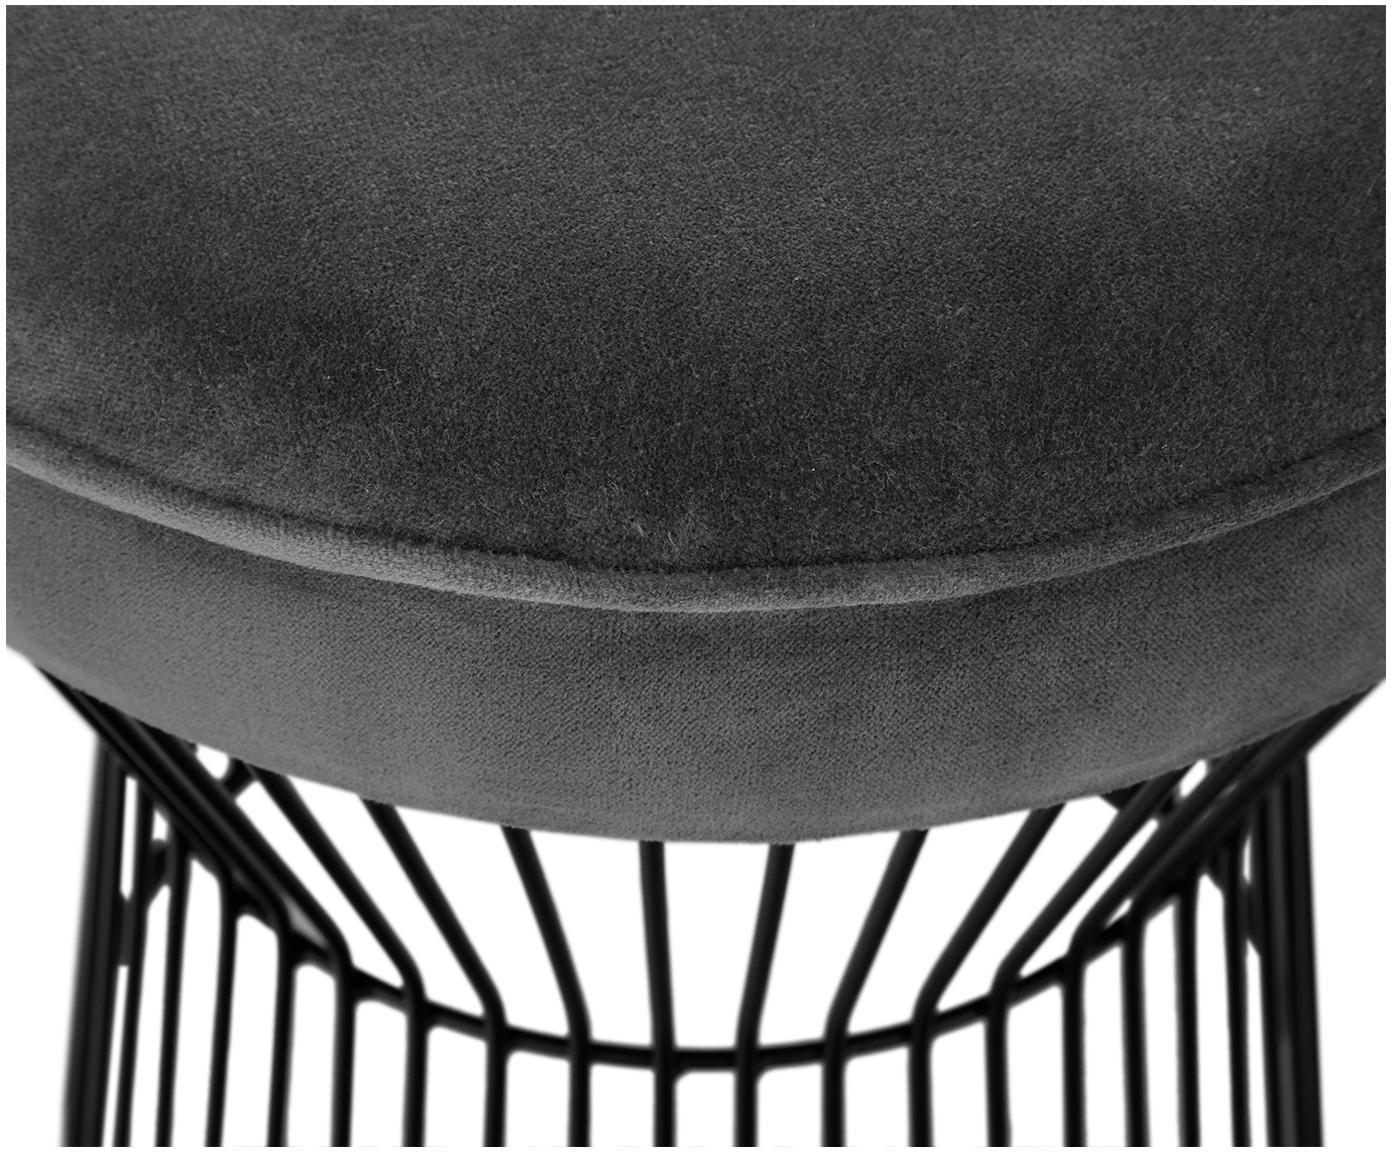 Stołek z aksamitu Felicity, Tapicerka: aksamit bawełniany, Noga: metal malowany proszkowo, Tapicerka: ciemny szary Noga: czarny, matowy, Ø 35 x W 40 cm